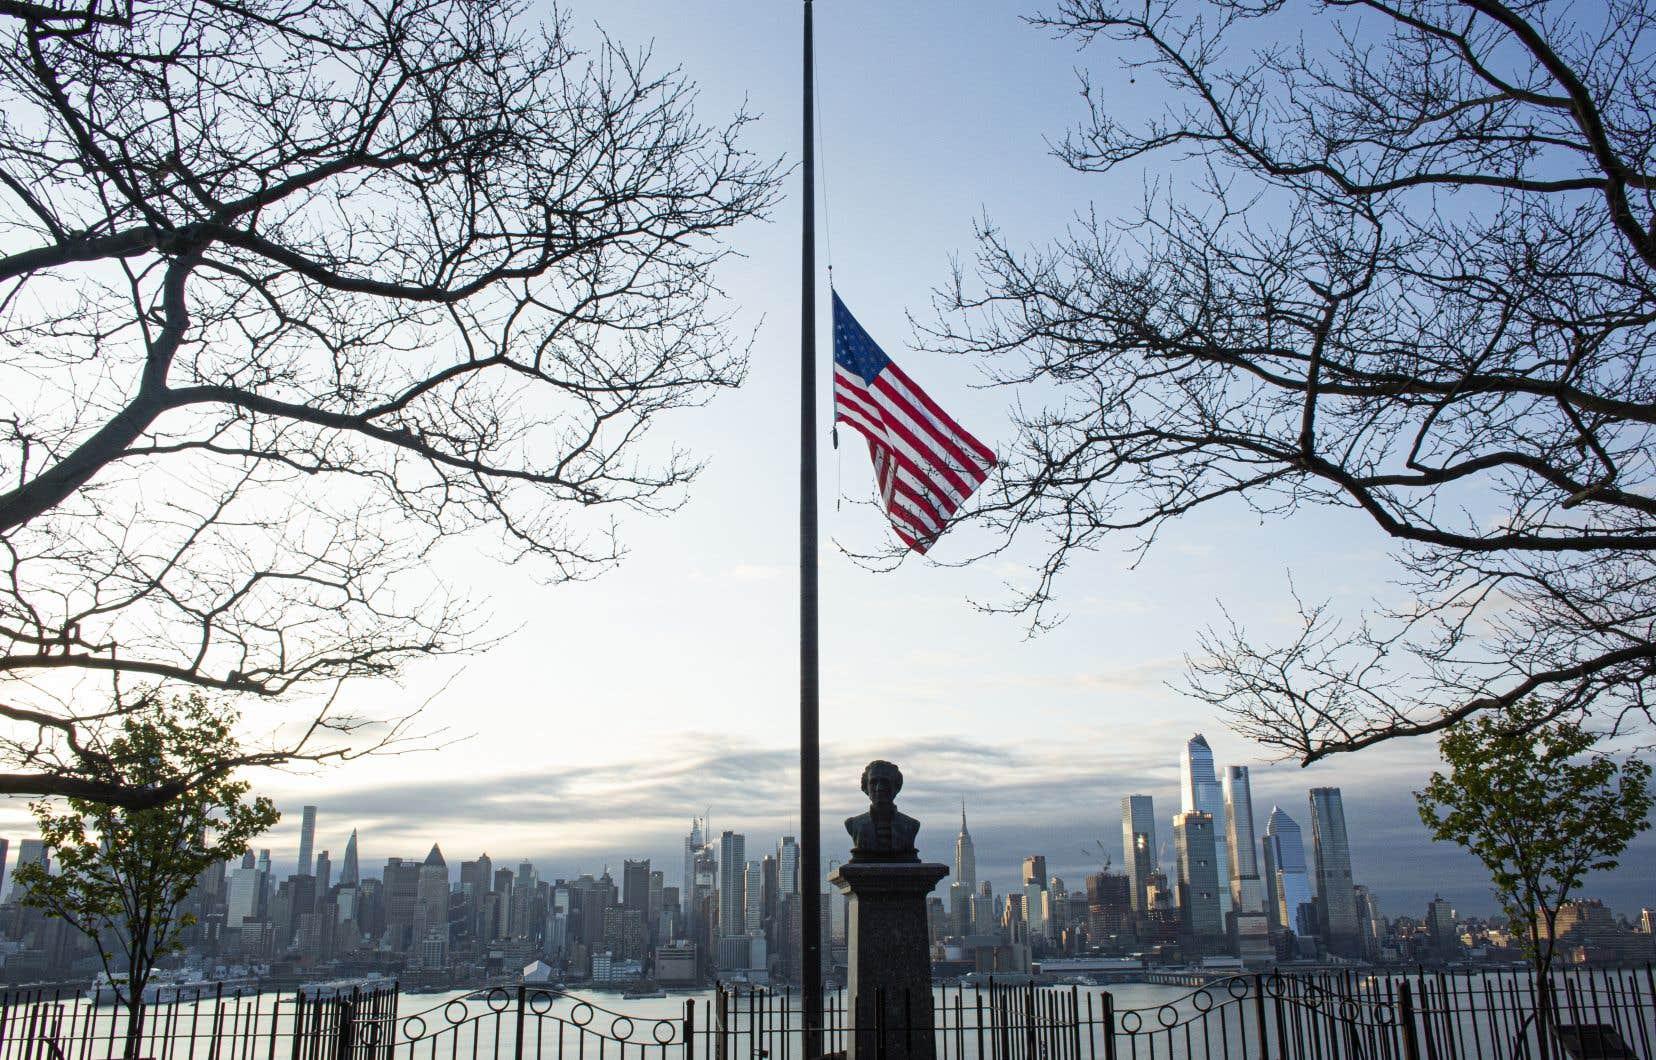 Les températures ont été plus élevées qu'à la normale dans l'est des États-Unis, notamment. Sur la photo, la ville de New York.